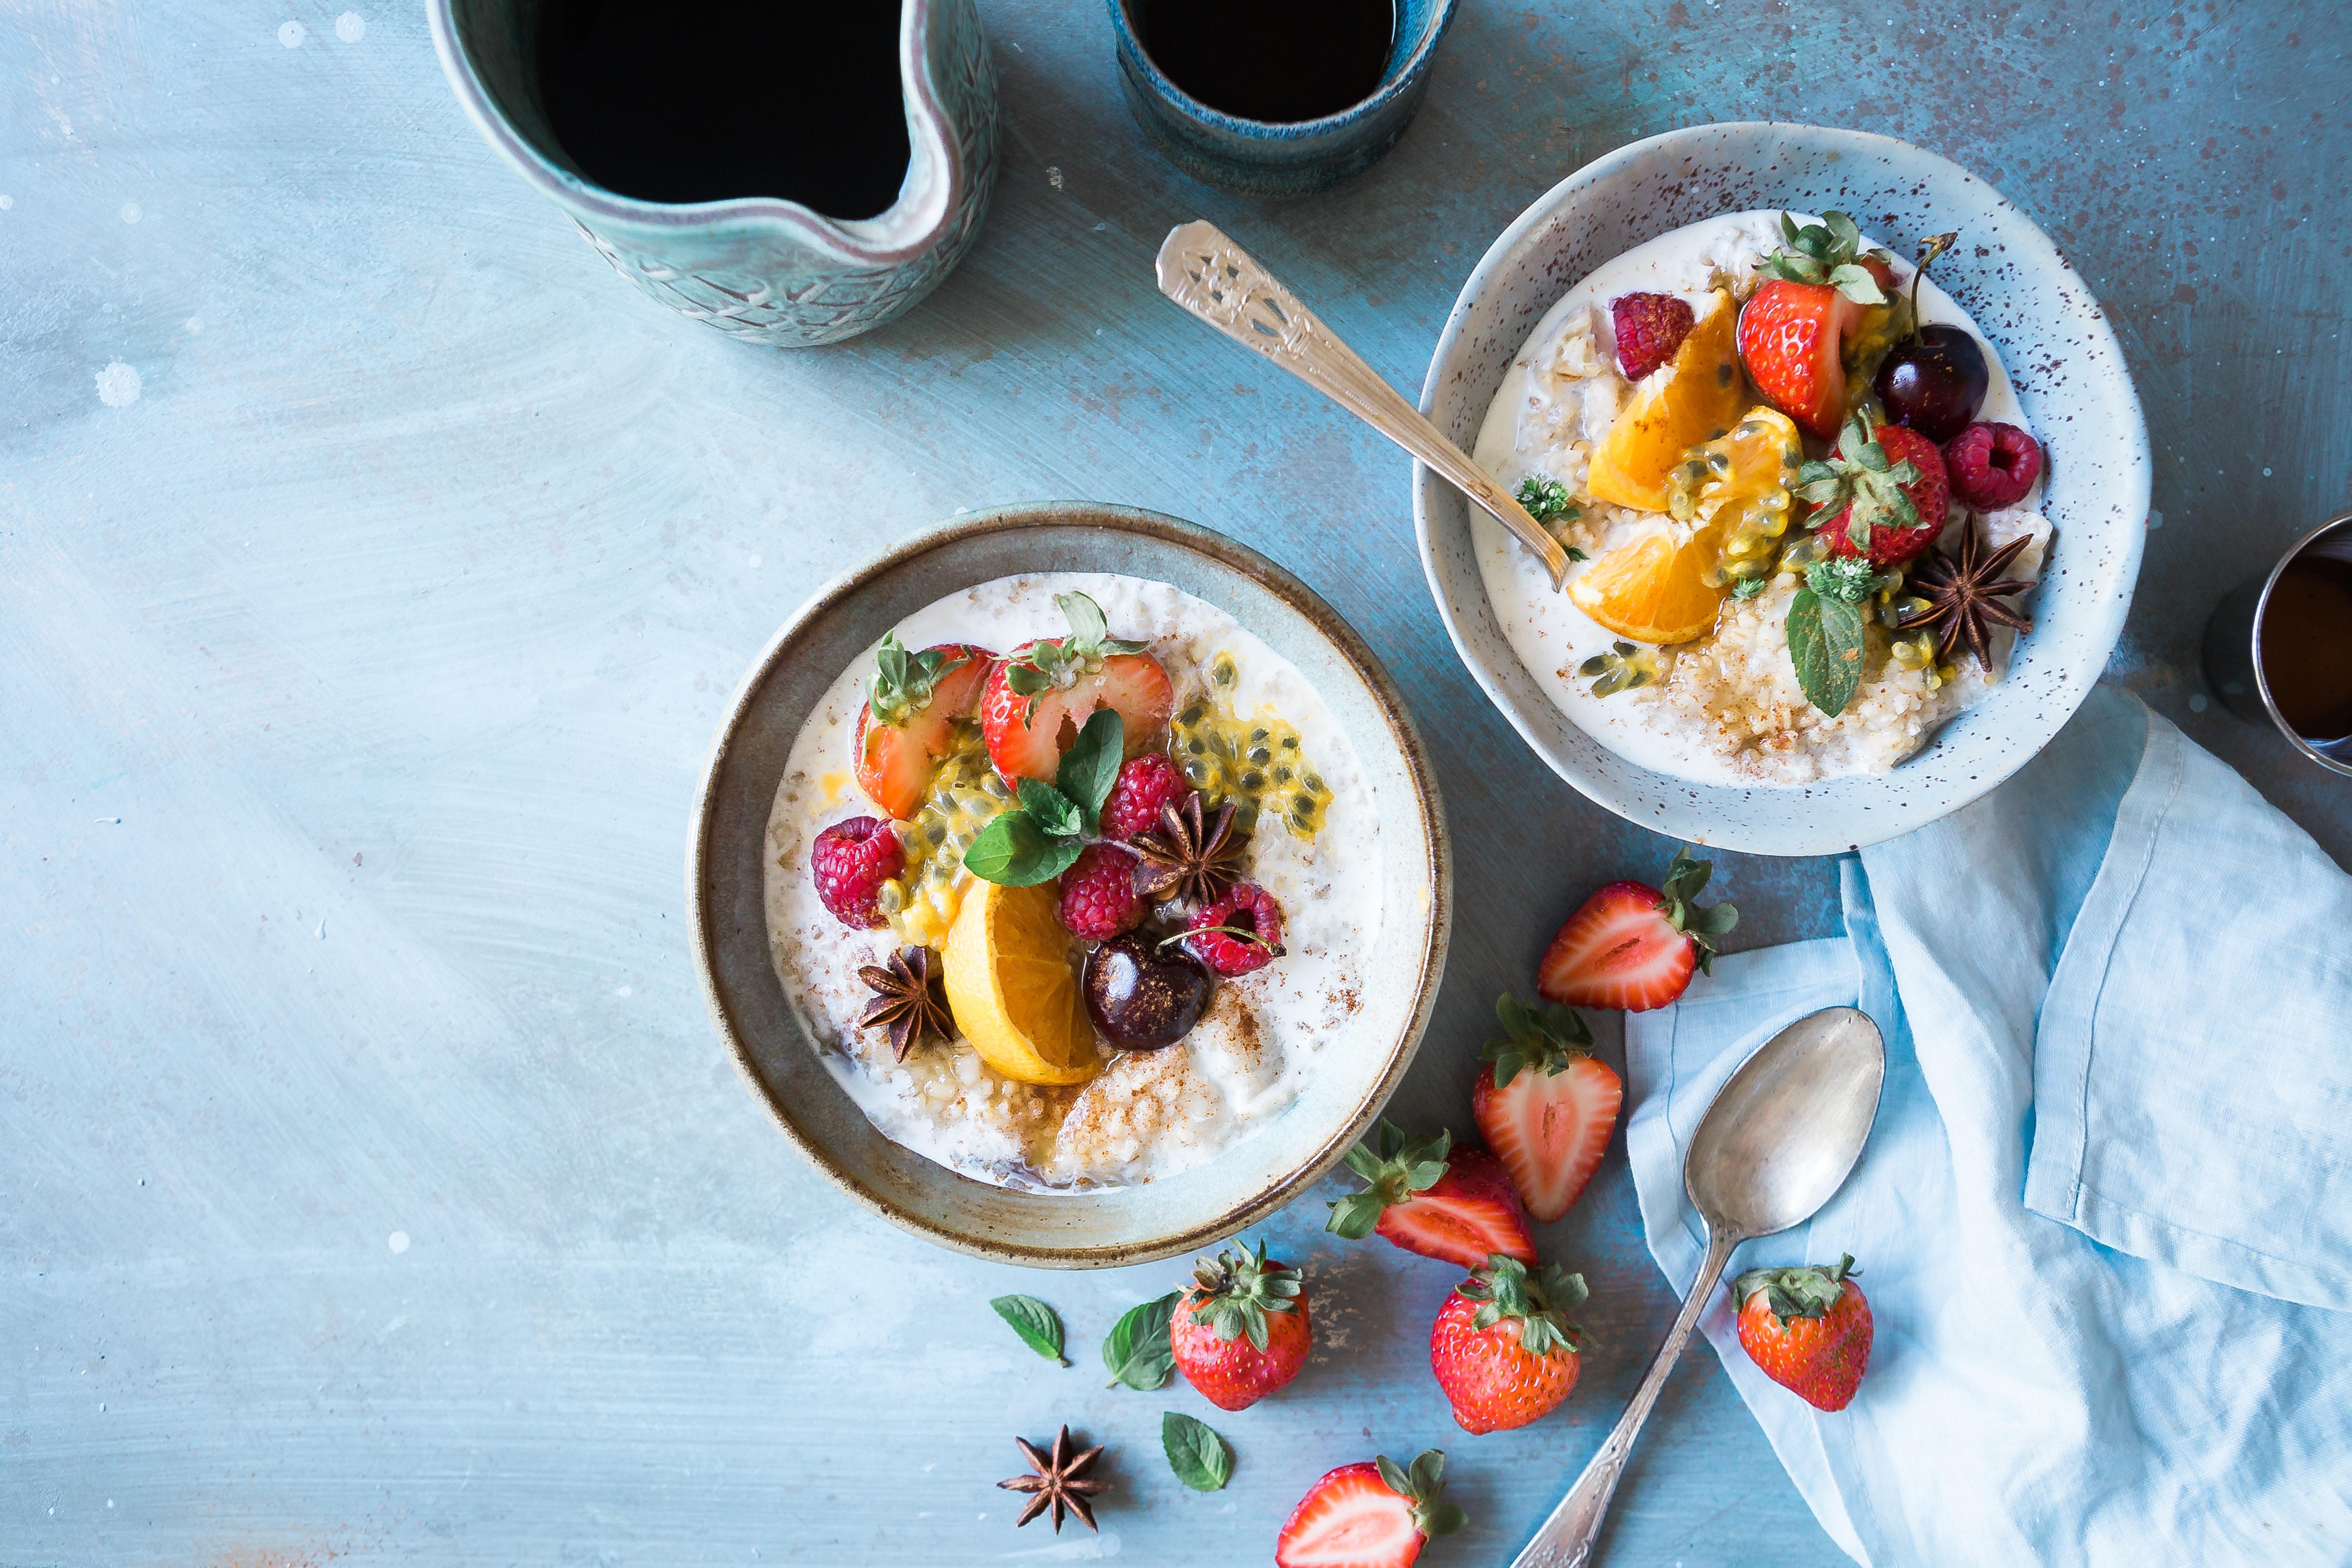 Why eat porridge for breakfast?